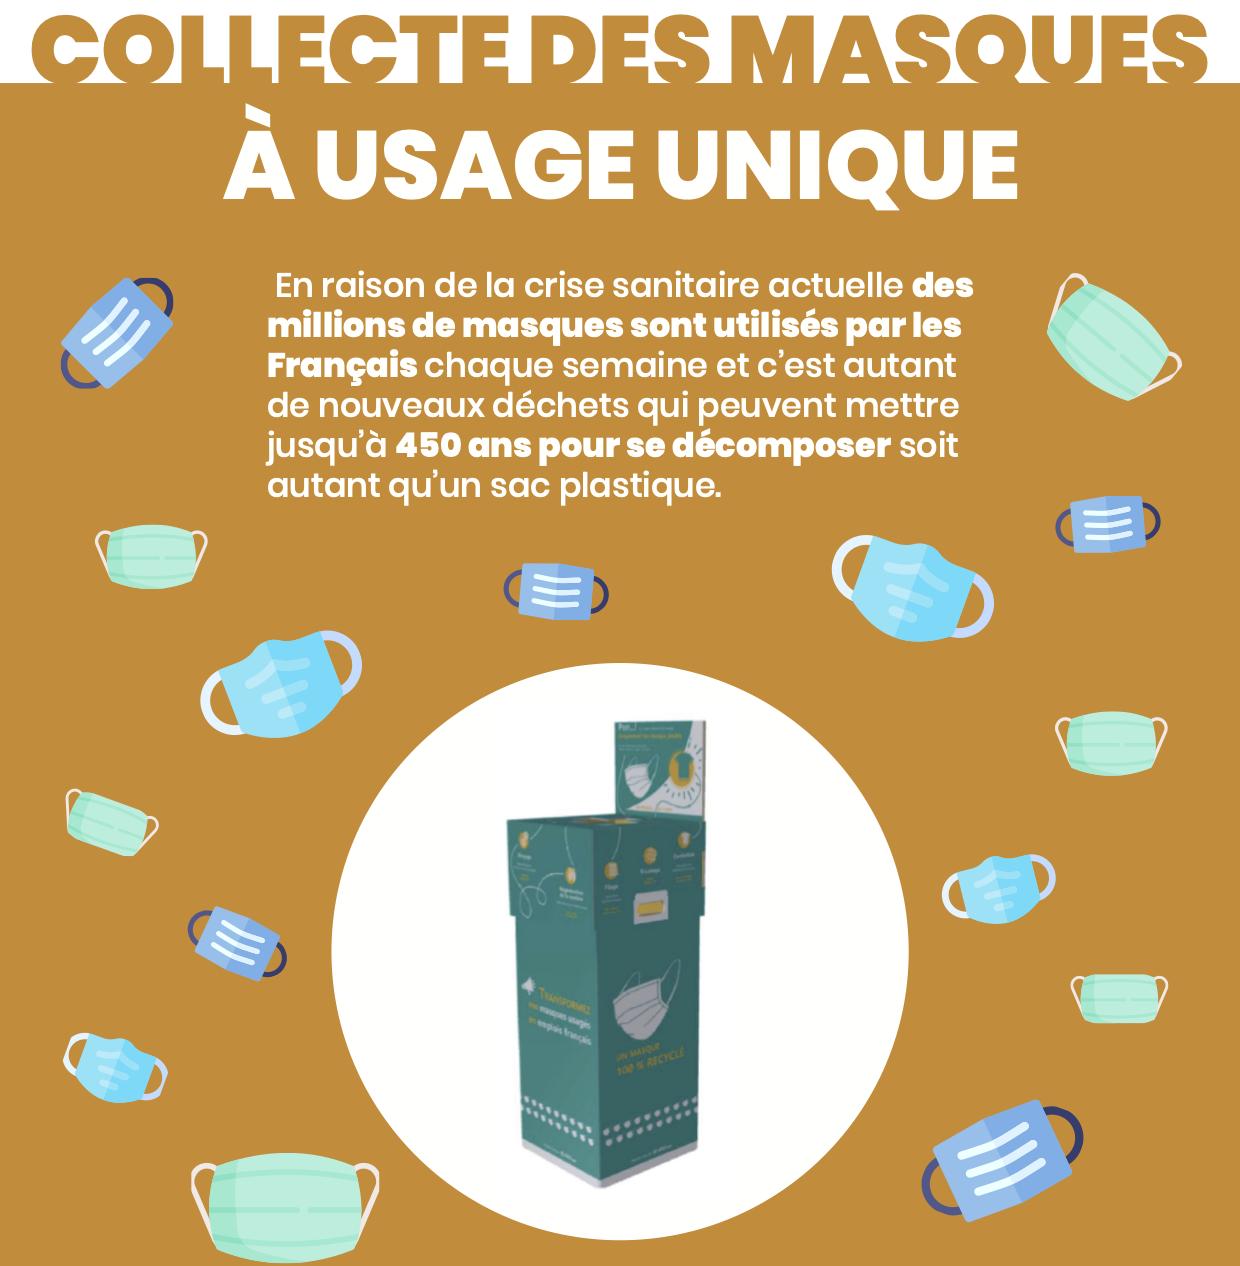 Mise en place de boîtes de collecte et de recyclage de masques